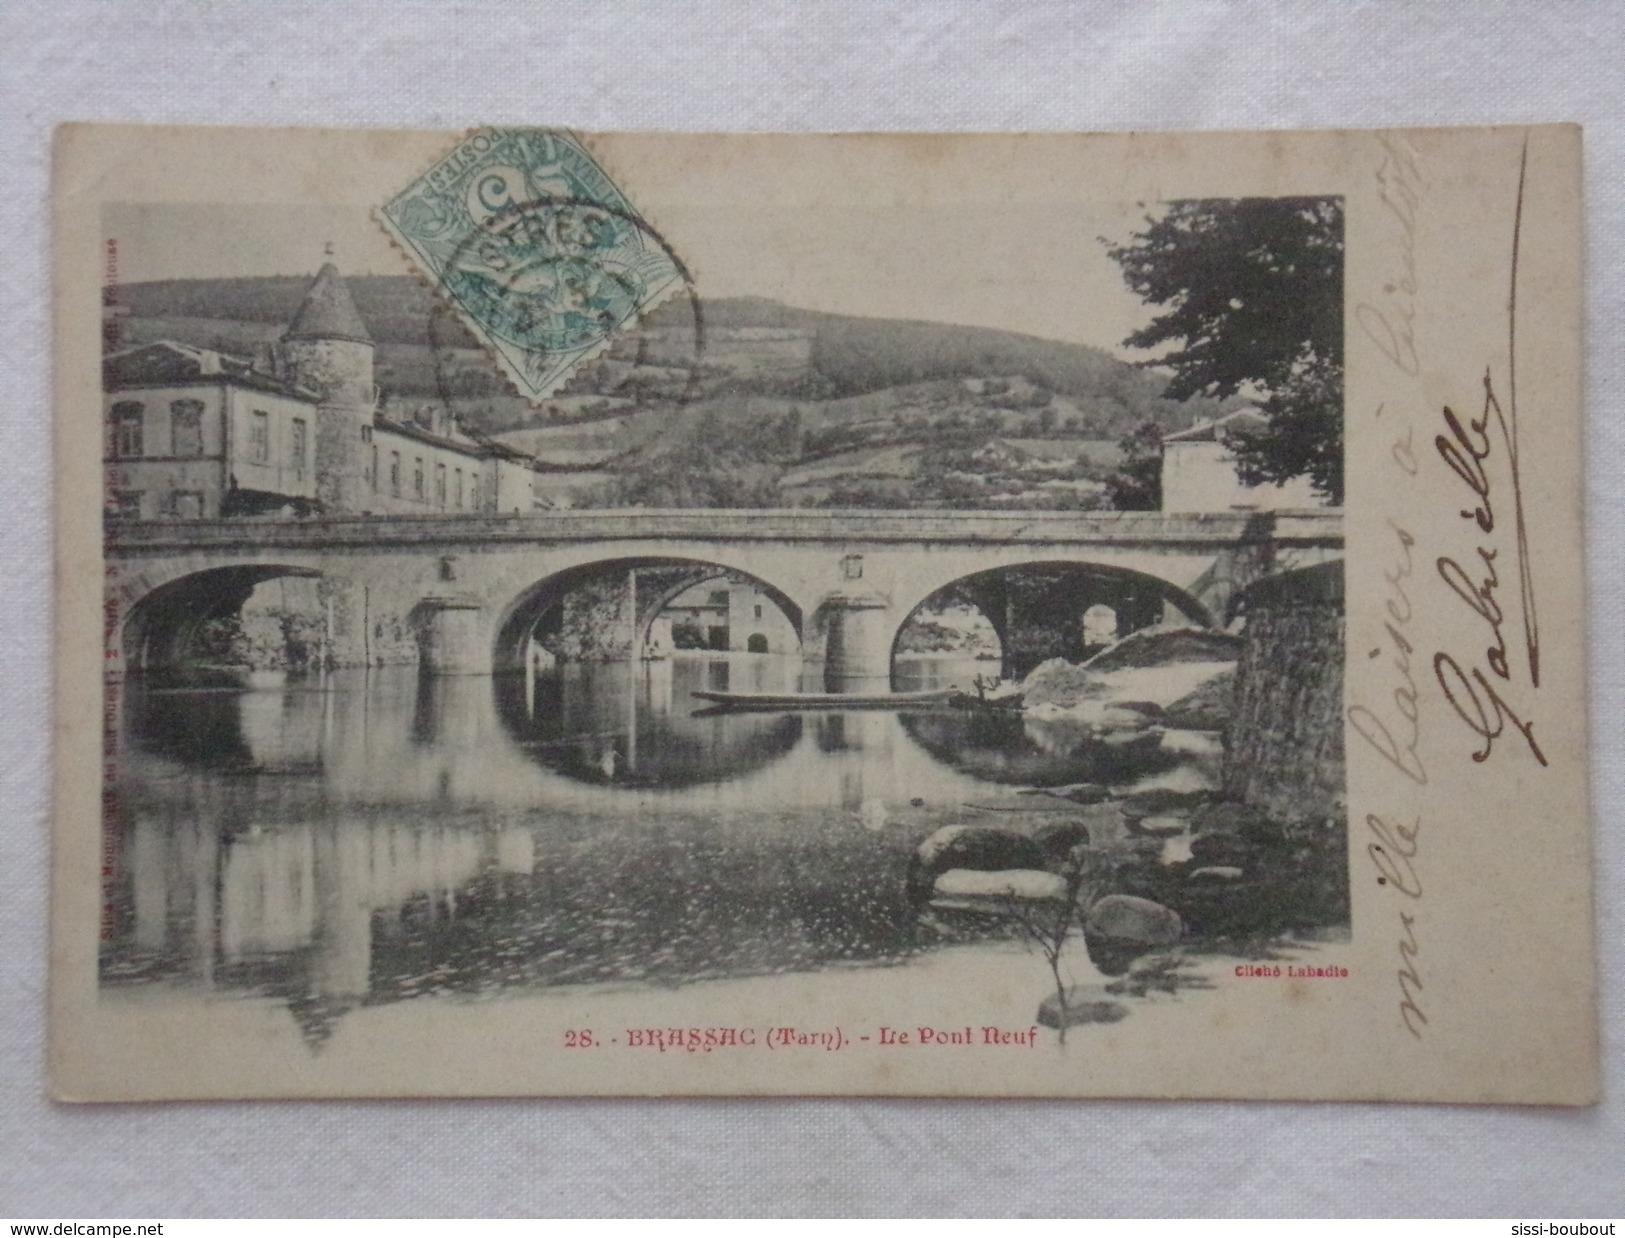 BRASSAC - Le Pont Neuf - CPA - CP - Carte Postale - Brassac